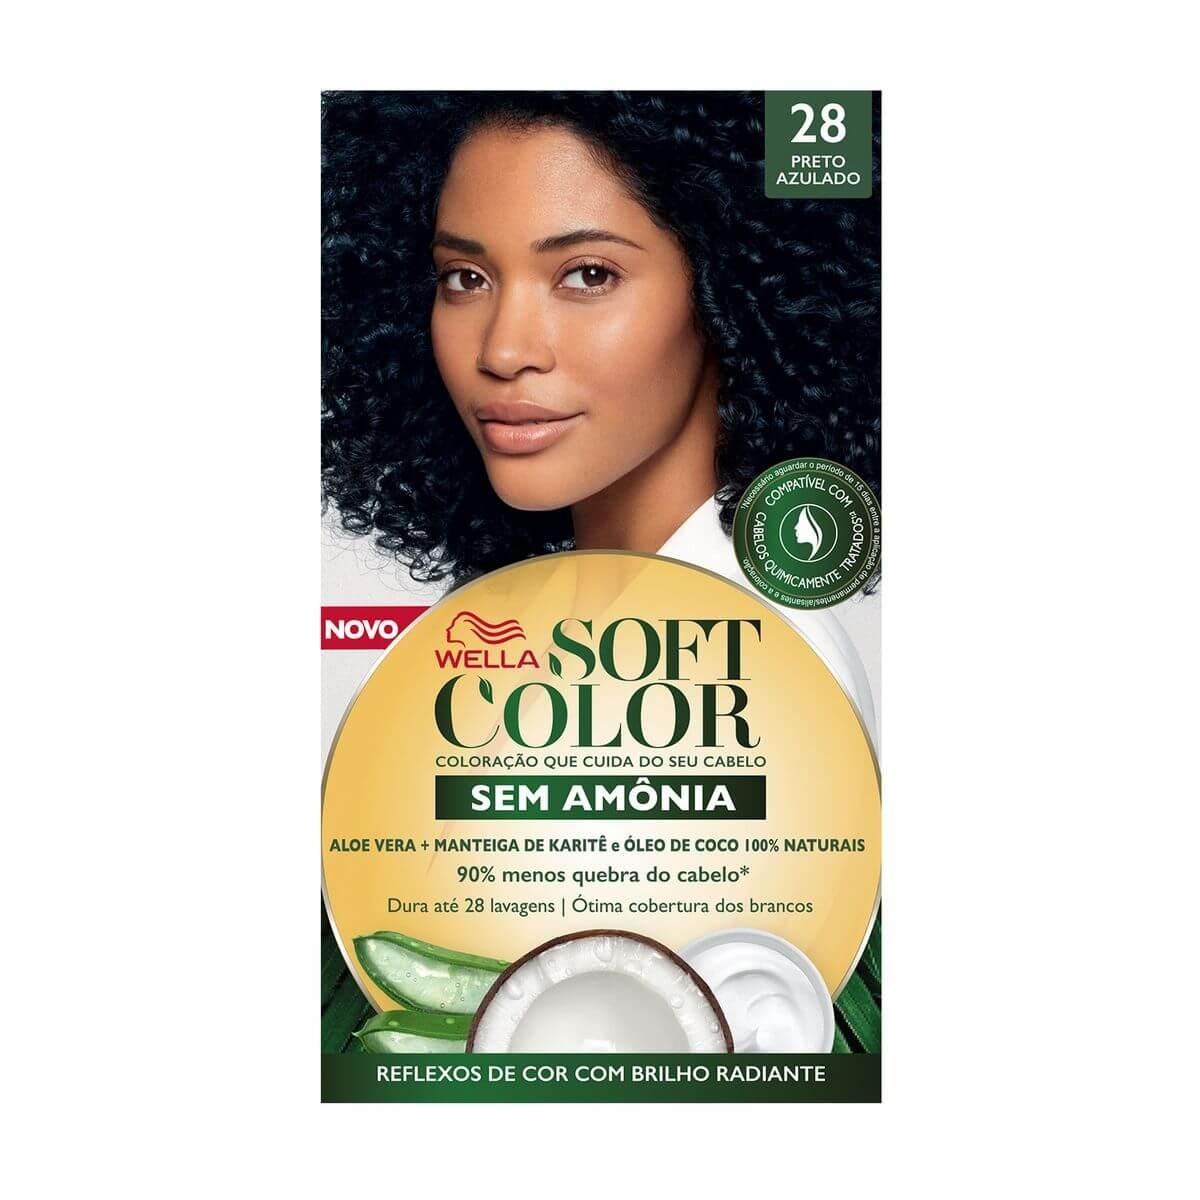 Coloração Soft Color Nº28 Preto Azulado 1 Unidade Wella 1 Unidade